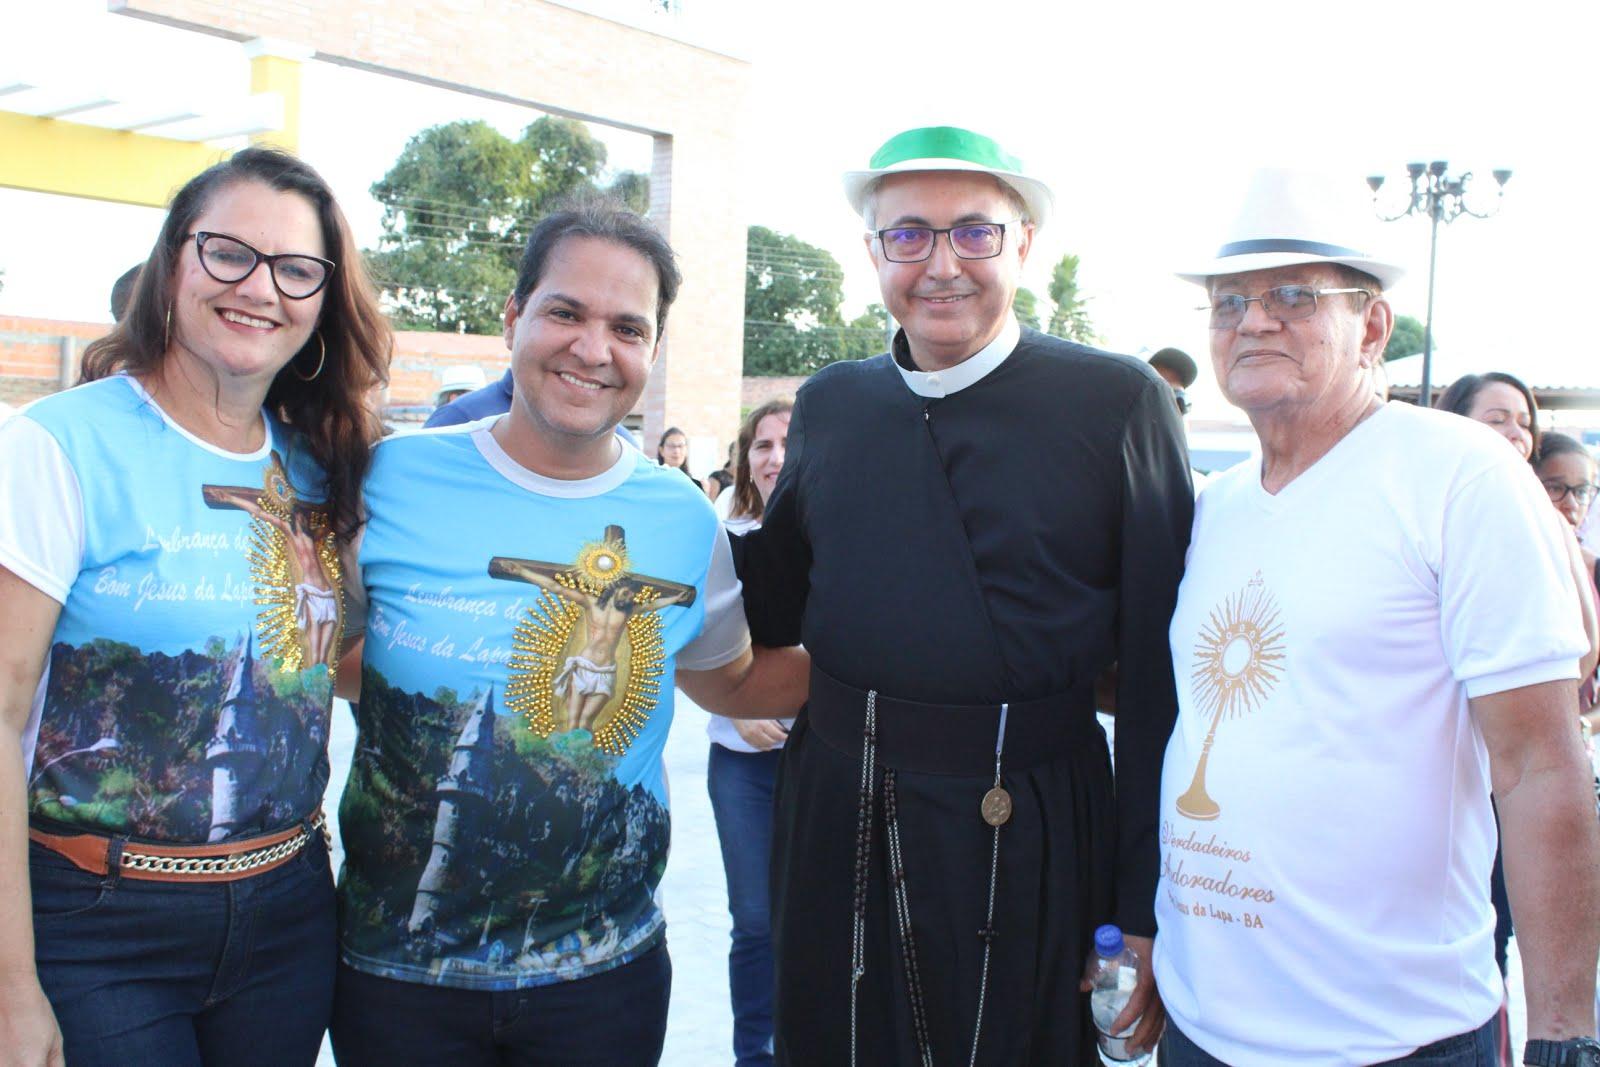 EURES RIBEIRO PREFEITO DA CIDADE DE BOM JESUS DA LAPA